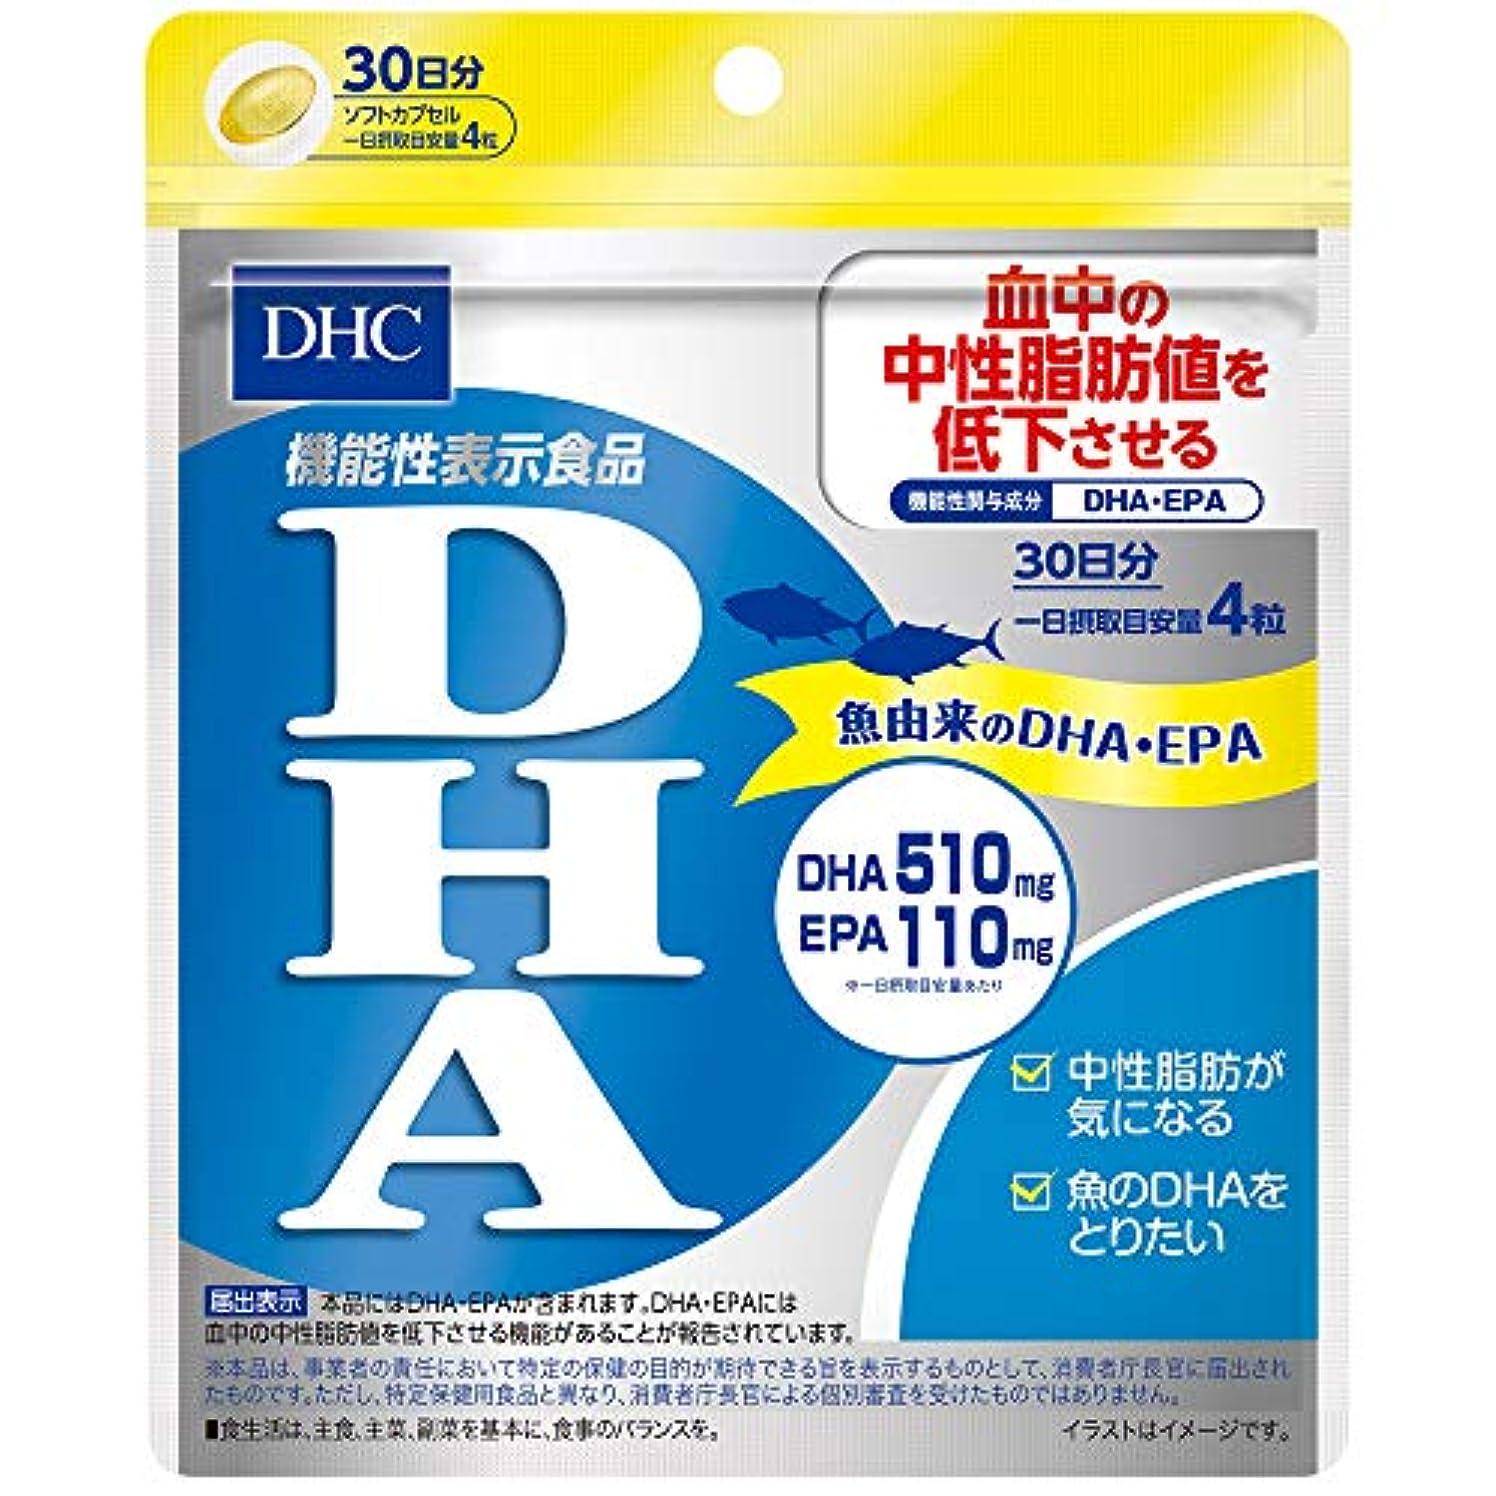 遅滞新年滝DHC DHA 30日分 [機能性表示食品]